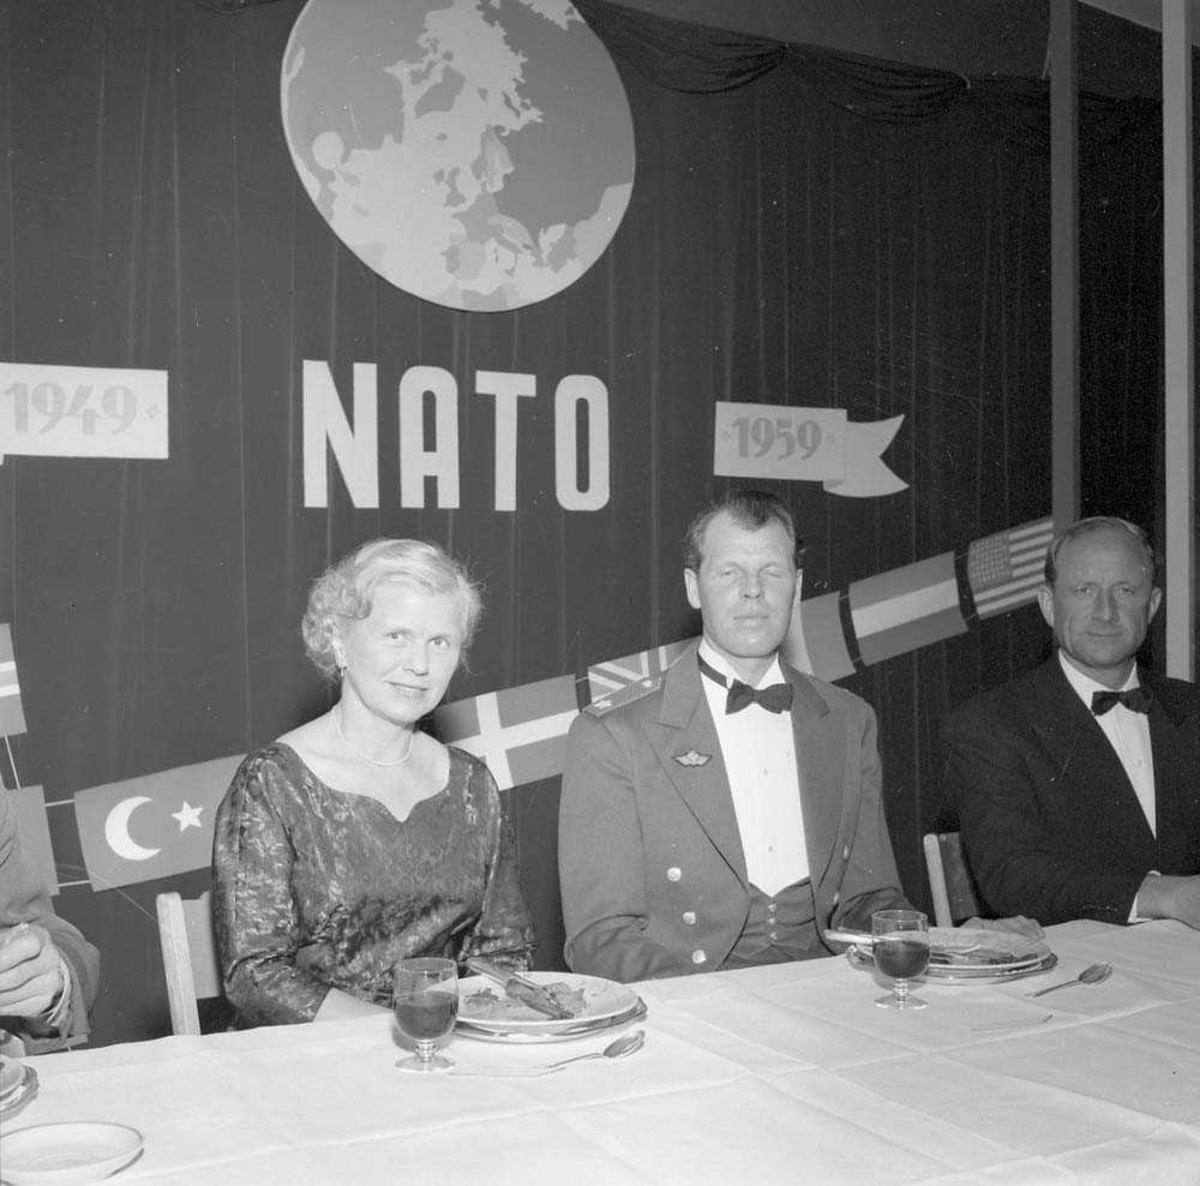 Feiring på Bodø flystasjon for NATO som fyller 10 år.